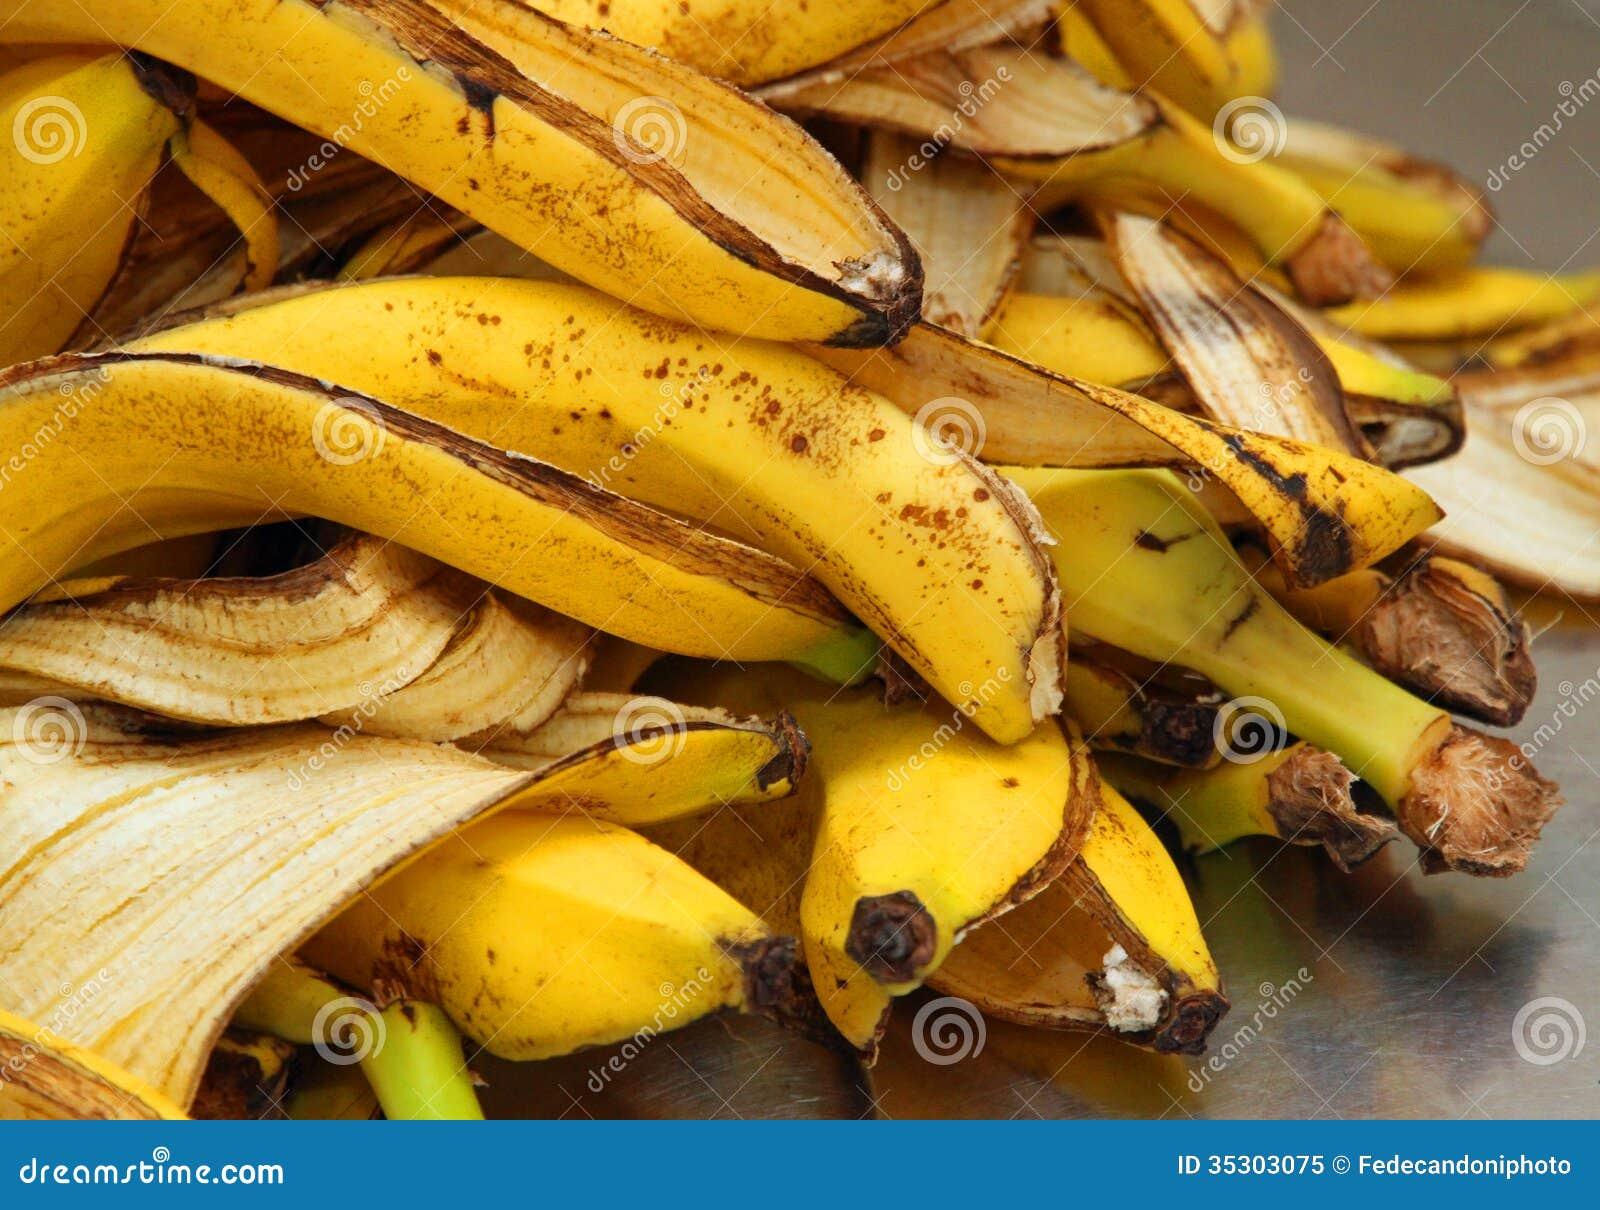 Gelbe bananenschalen ziehen gerade ab um biomüll zu speichern